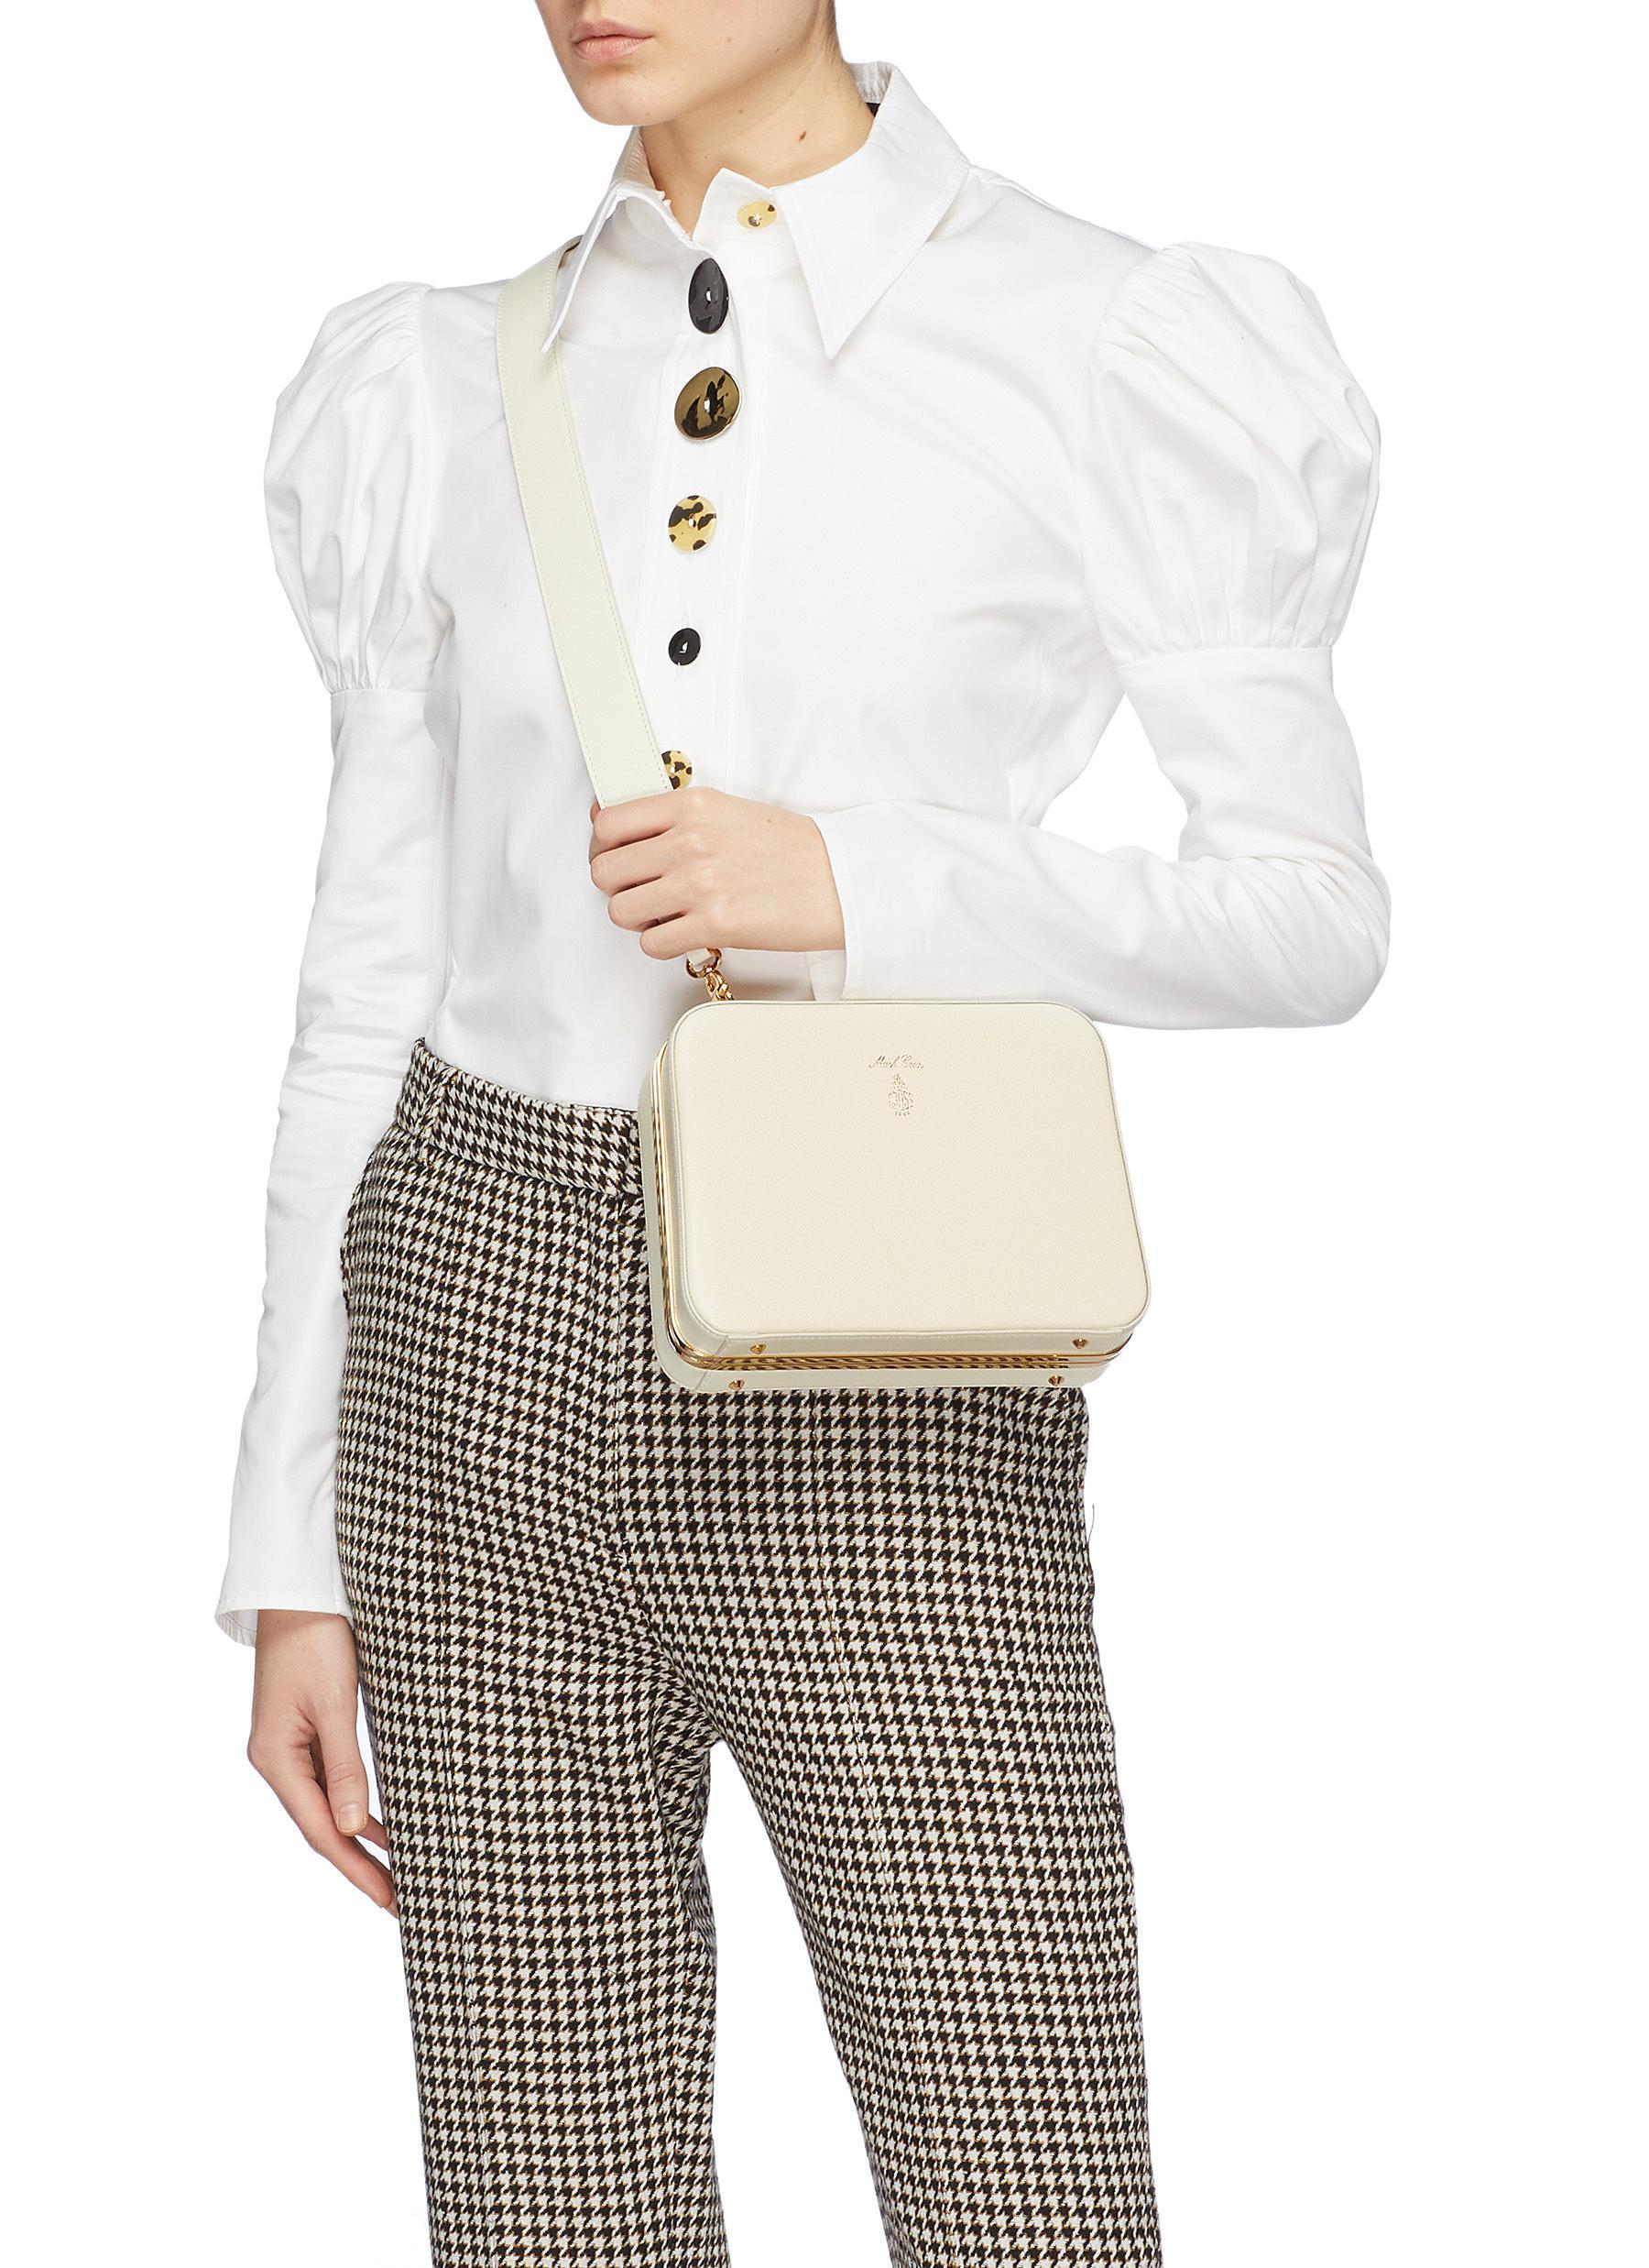 Lyst - Mark Cross \'juliana Frame\' Leather Shoulder Bag